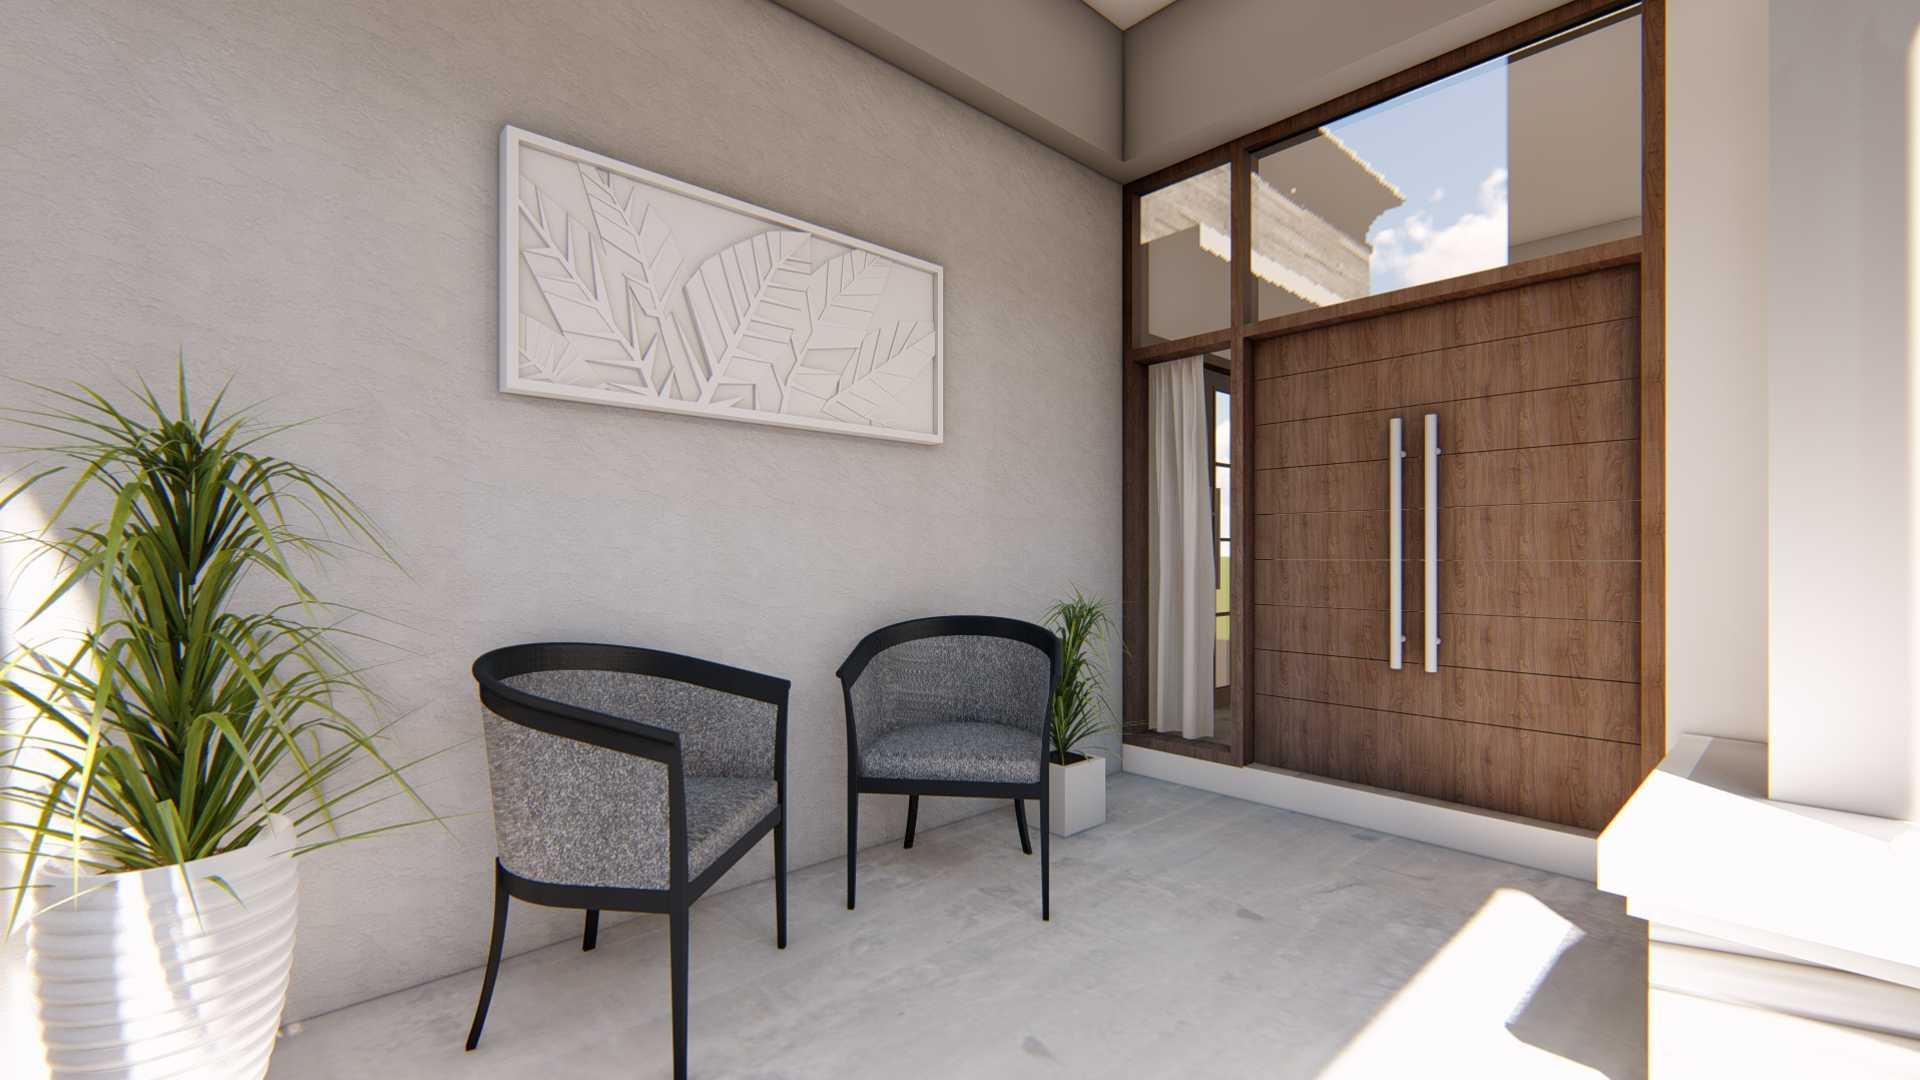 Astabumi Studio Pr House Tegal Tegal, Kota Tegal, Jawa Tengah, Indonesia Yogyakarta Cv-Astabumi-Manunggal-Prakarsa-Jto-Jogja-Trade-Office  119458